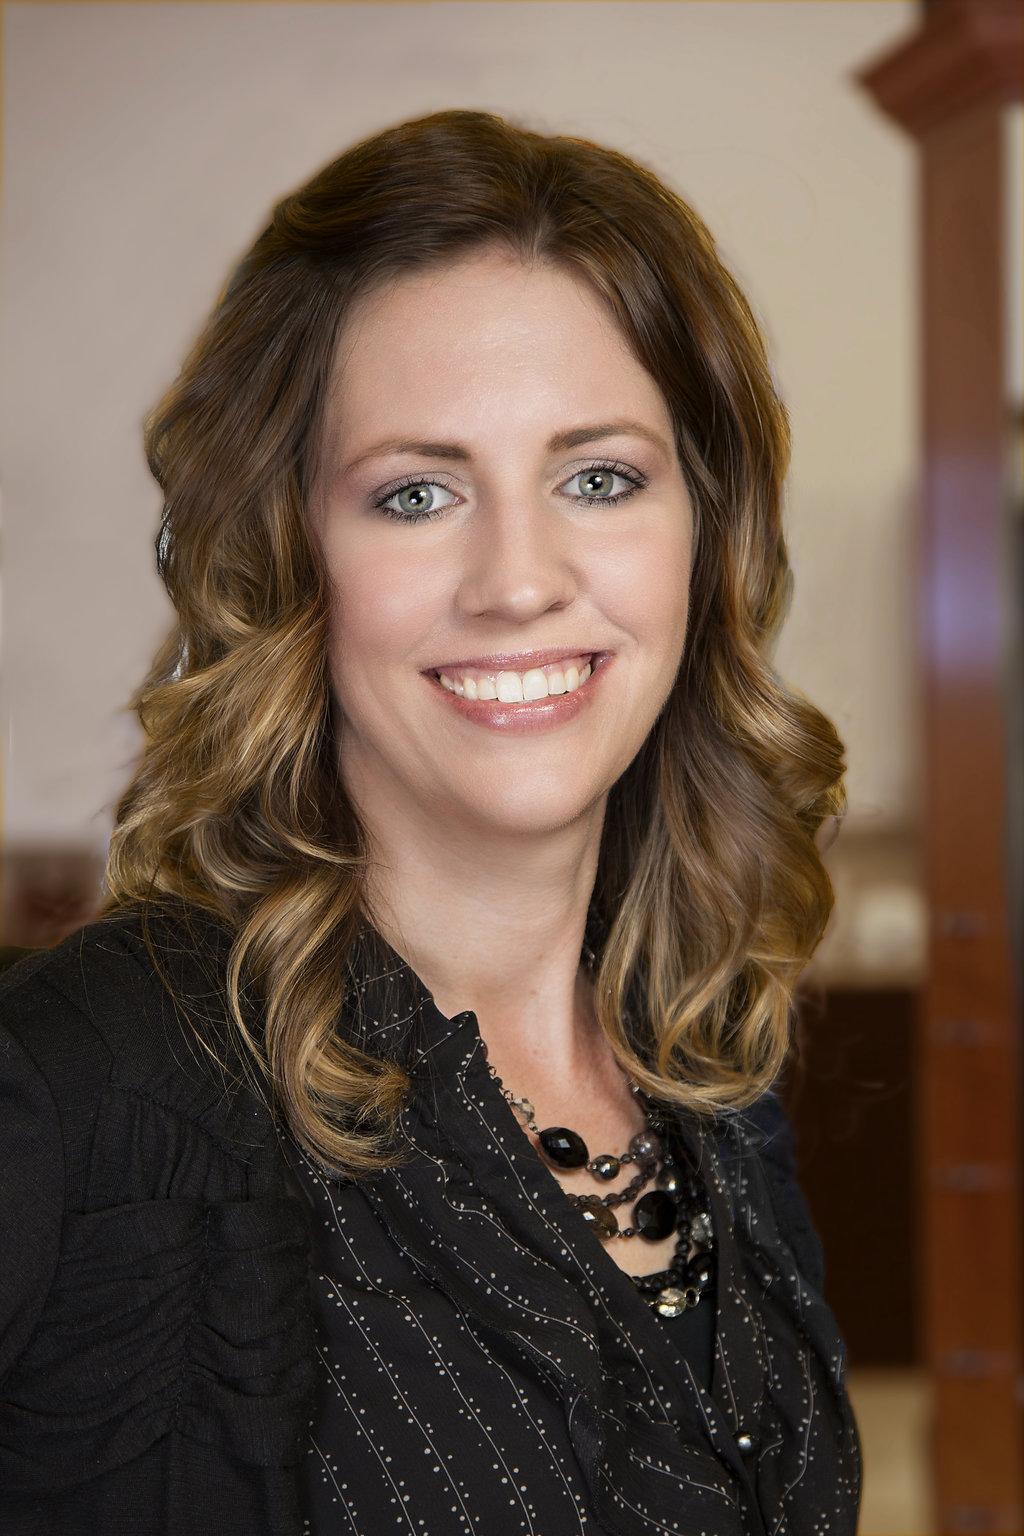 Angie B - Deisgner